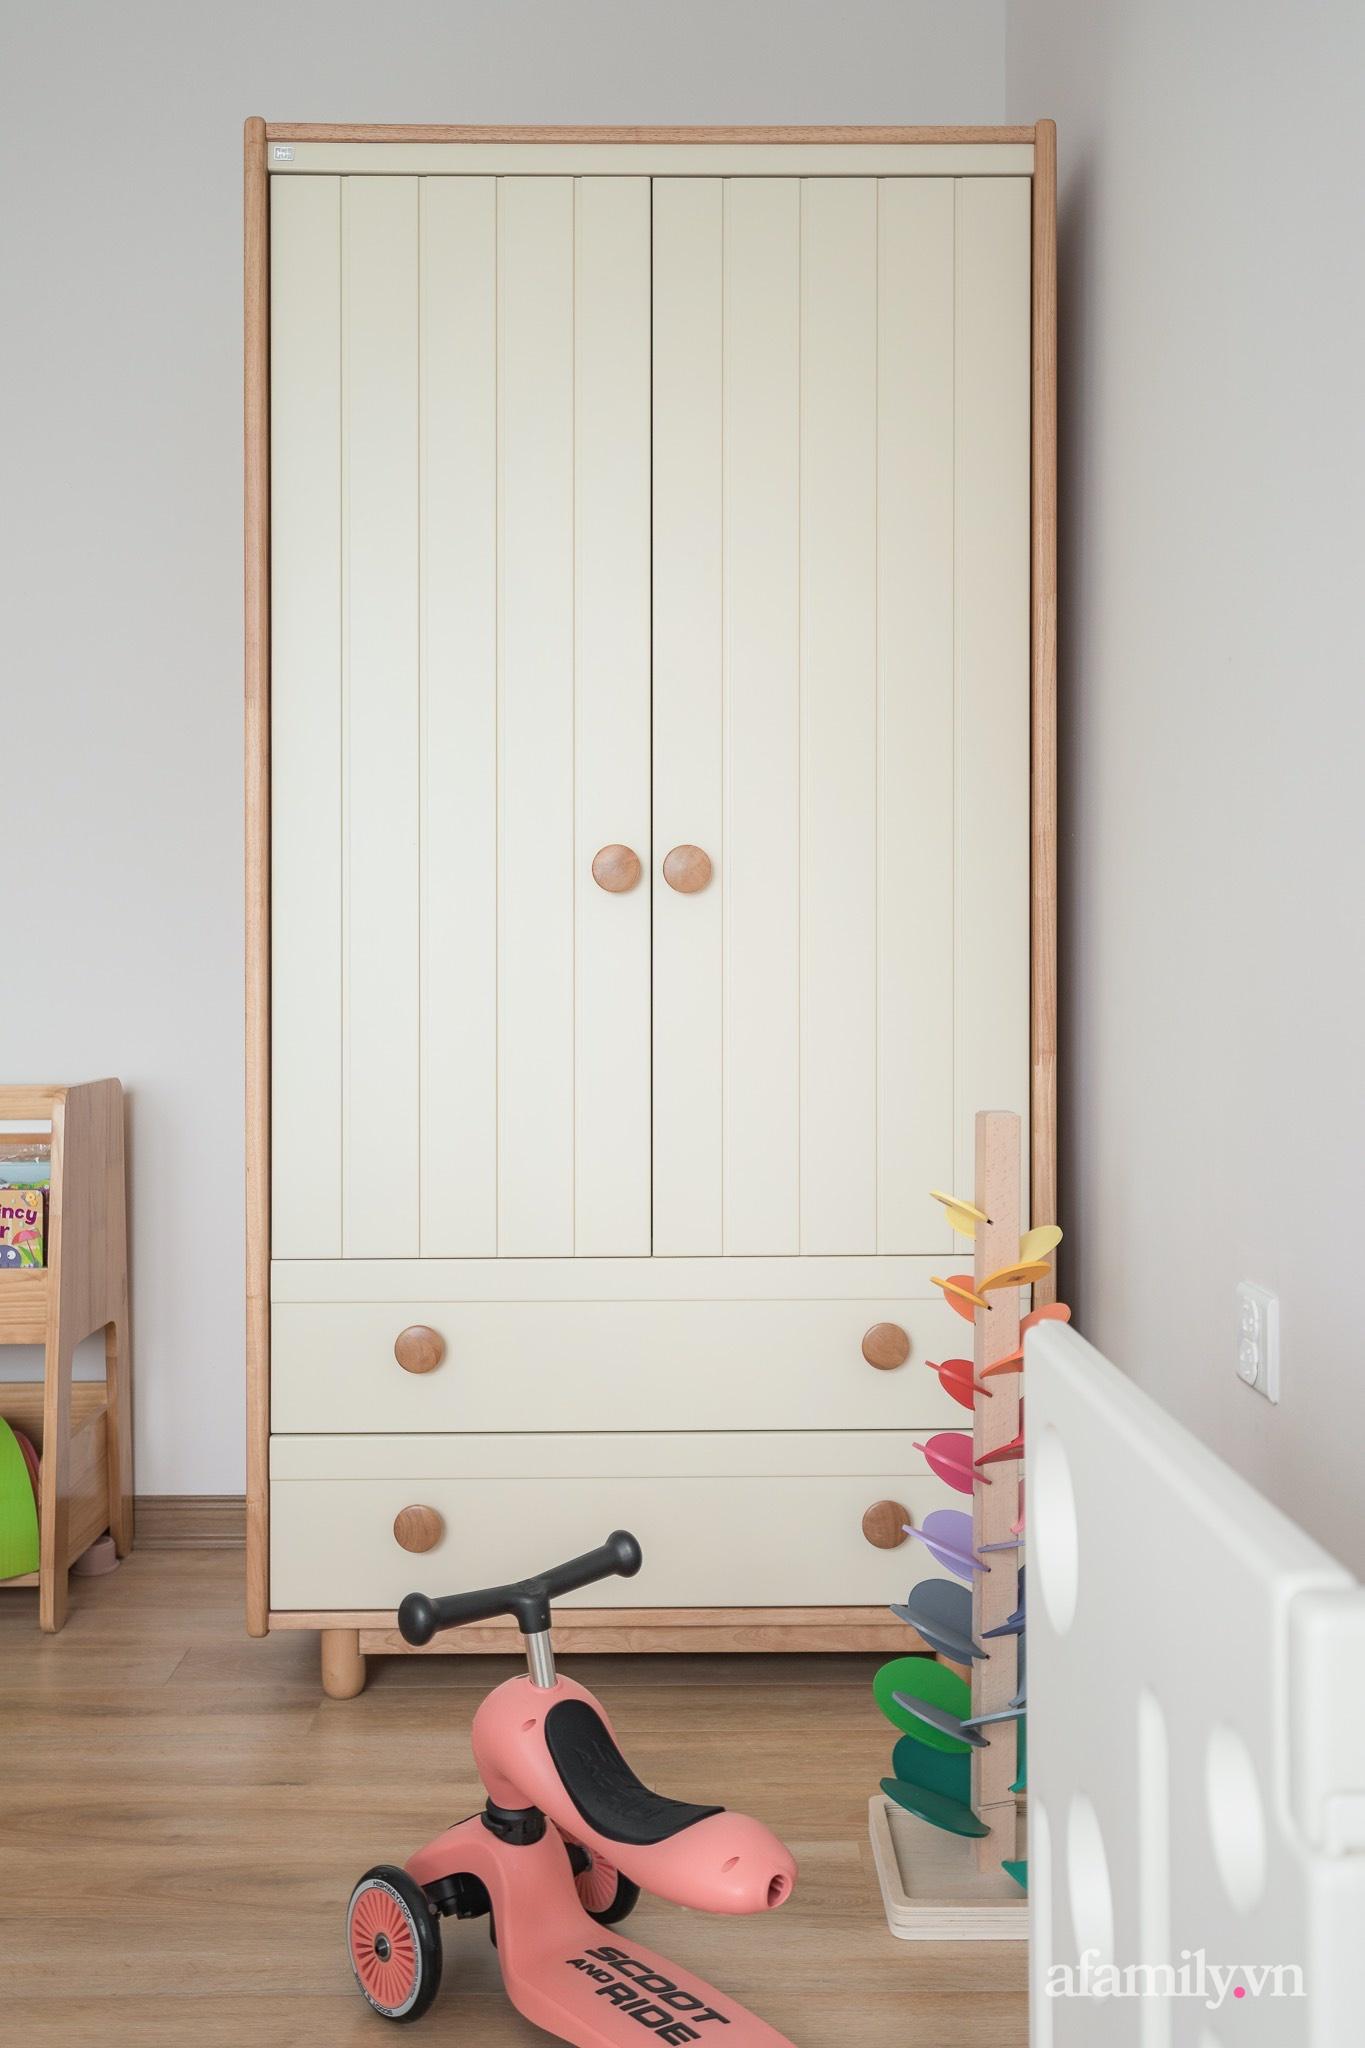 Căn hộ 92,5m² ngọt lịm với sắc màu tinh khôi của nữ giáo viên Tiếng Anh ở Hà Nội - Ảnh 19.